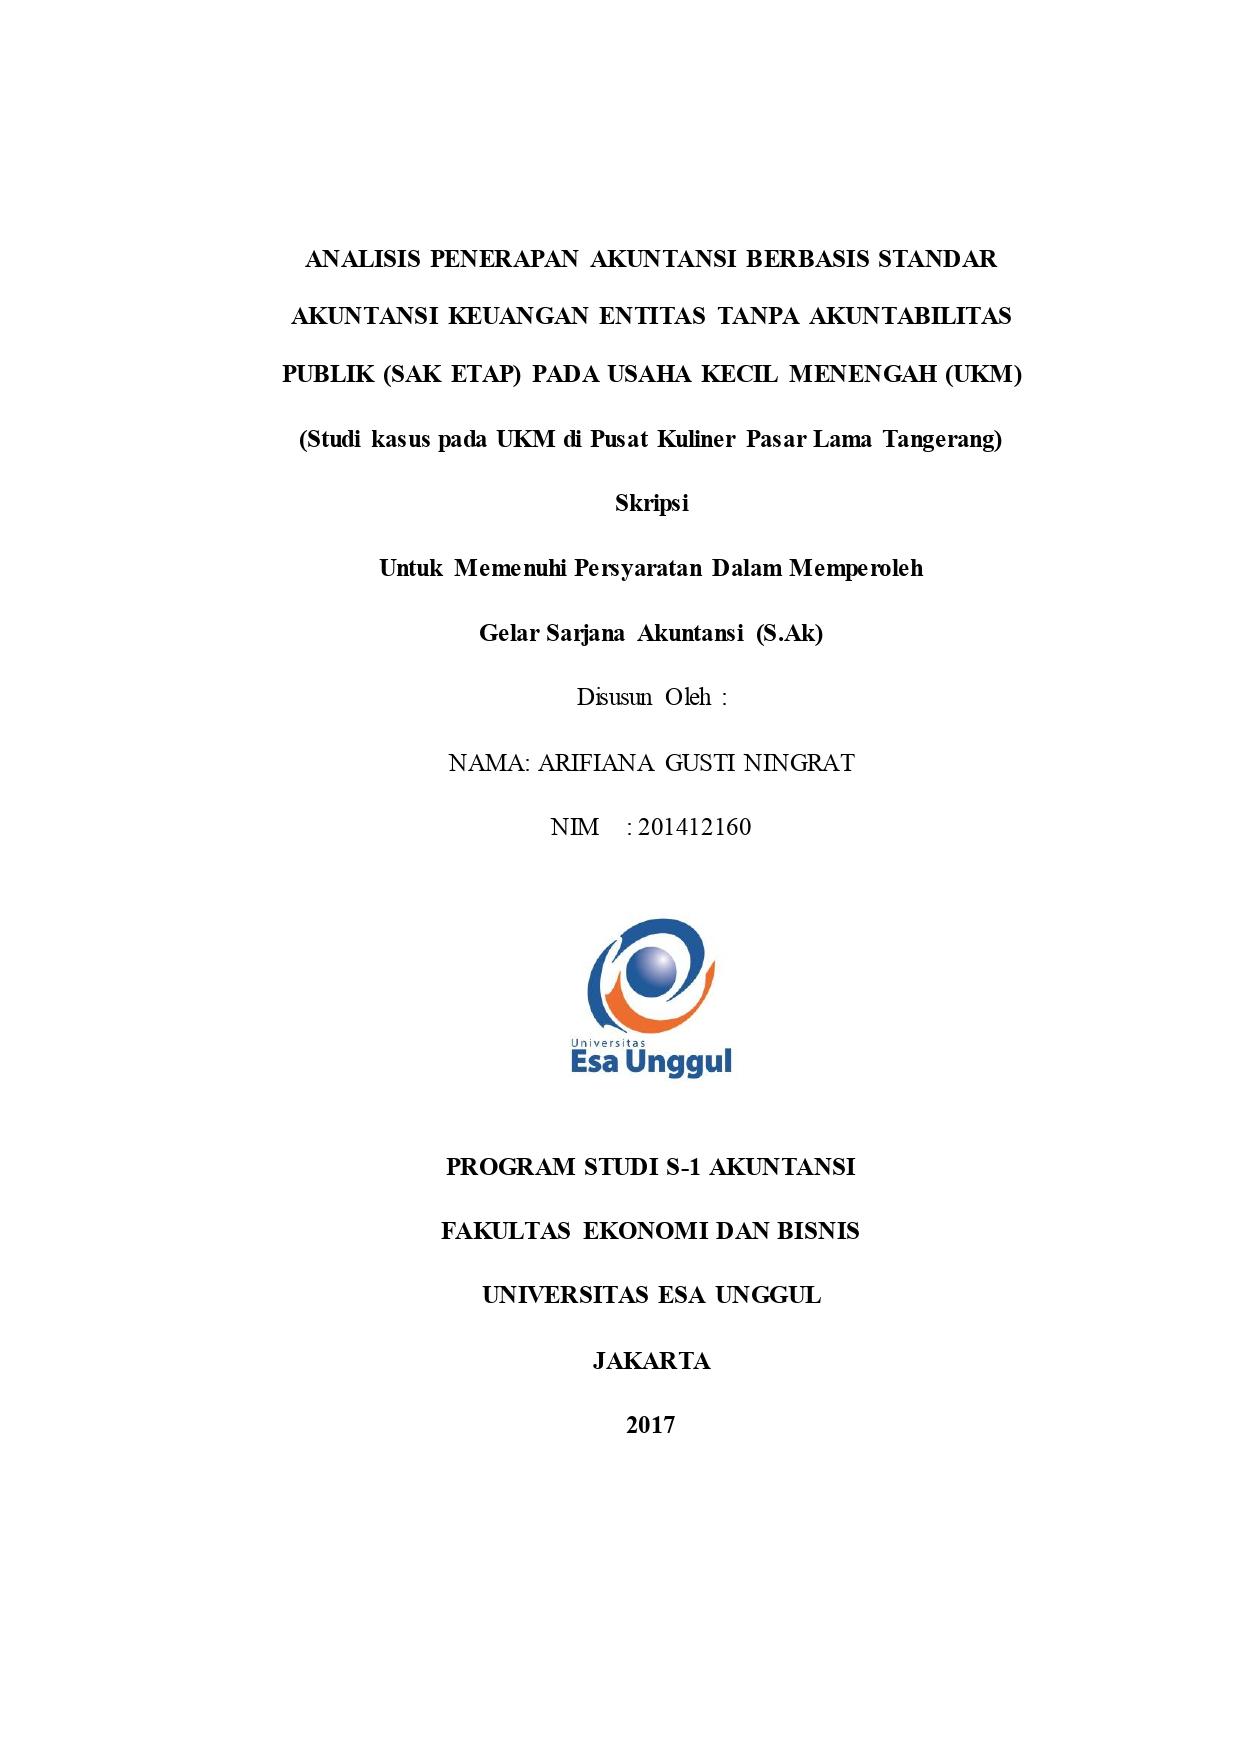 Analisis Penerapan Akuntansi Berbasis Standar Akuntansi Keuangan Entitas Tanpa Akuntabilitas Publik (SAK ETAP) Pada Usaha Kecil Menengah (UKM) (Studi Kasus pada UKM di Pusat Kuliner Pasar Lama Tangerang)